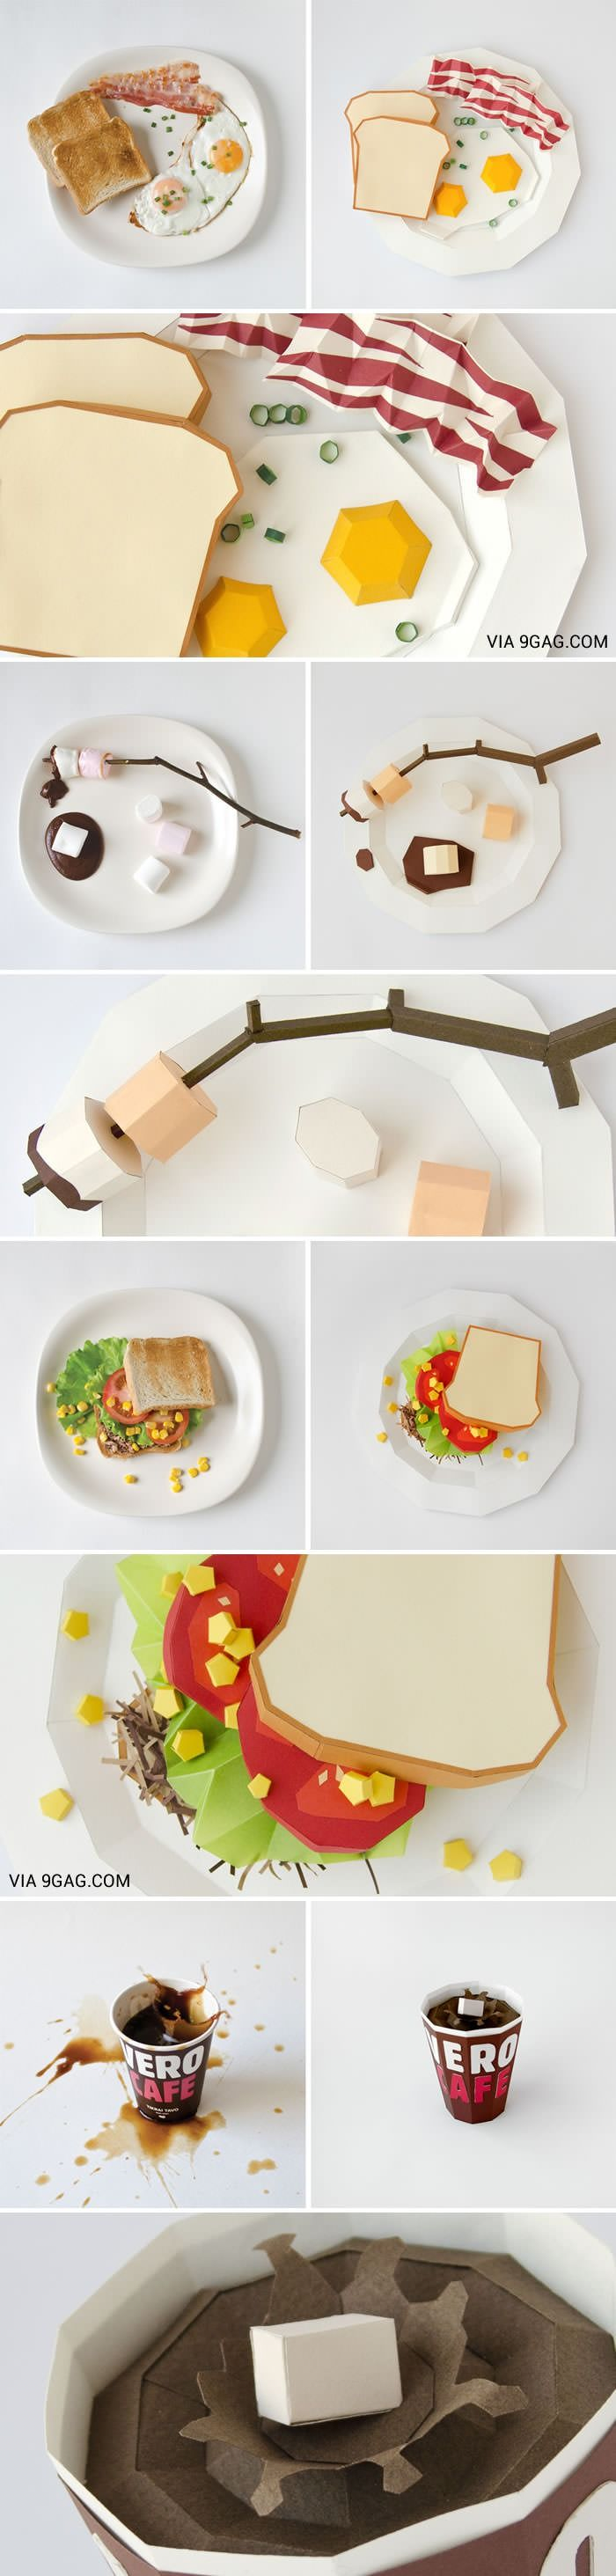 paper food